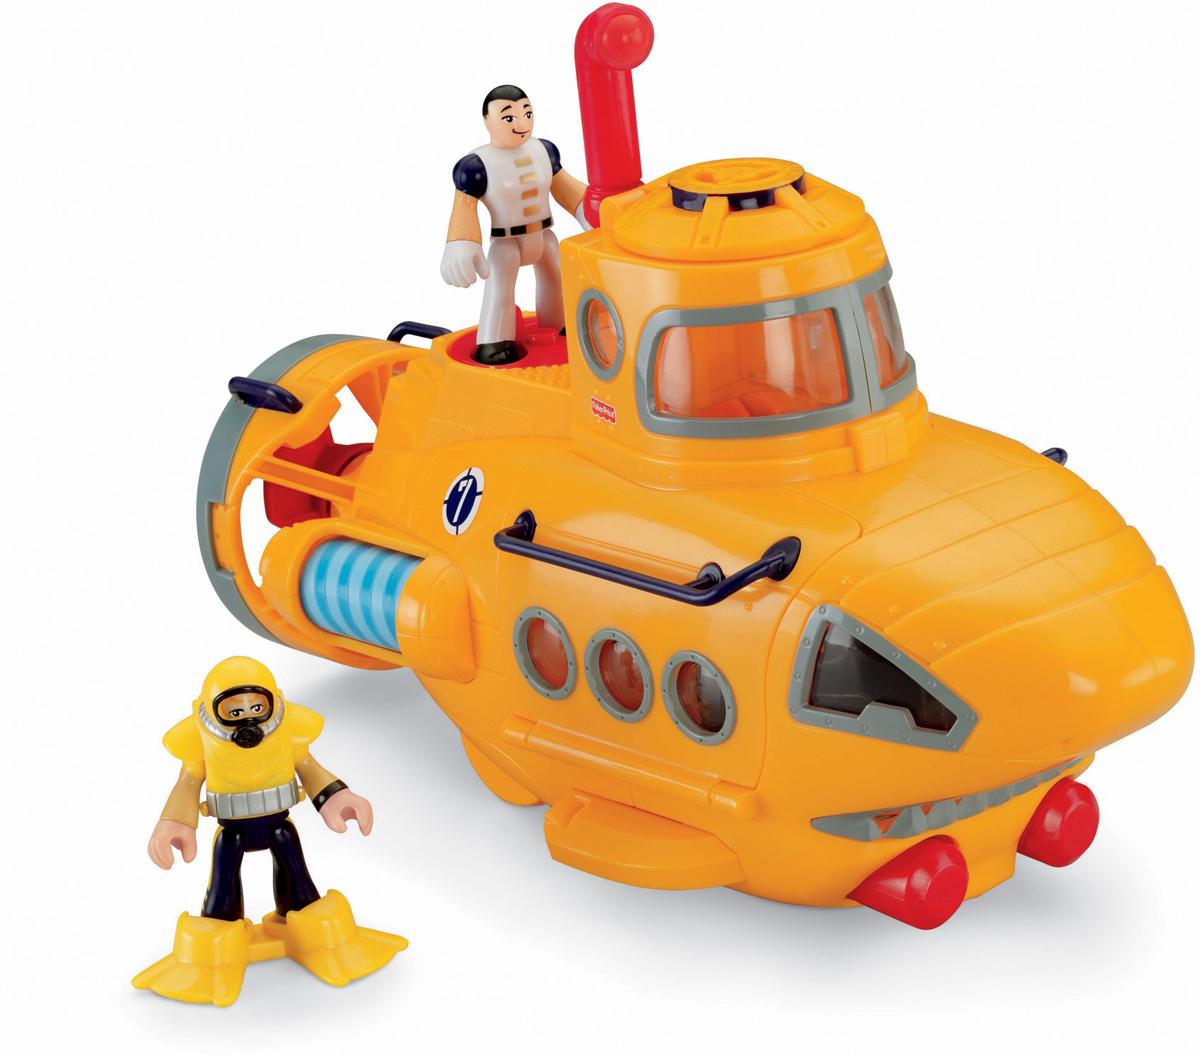 Imaginext СубмаринаP5487_N8270Субмарина Imaginext позволит ребенку придумать и реализовать множество увлекательных сюжетов. Для того, чтобы игры были реалистичными и могли надолго увлечь ребенка, дизайнеры проработали каждую деталь игрушки. В комплект к транспортному средству входят дополнительные фигурки главных действующих персонажей. Осталось только погрузиться в морскую глубину на подводной лодке. На этой роскошной субмарине можно осмотреть весь океан.